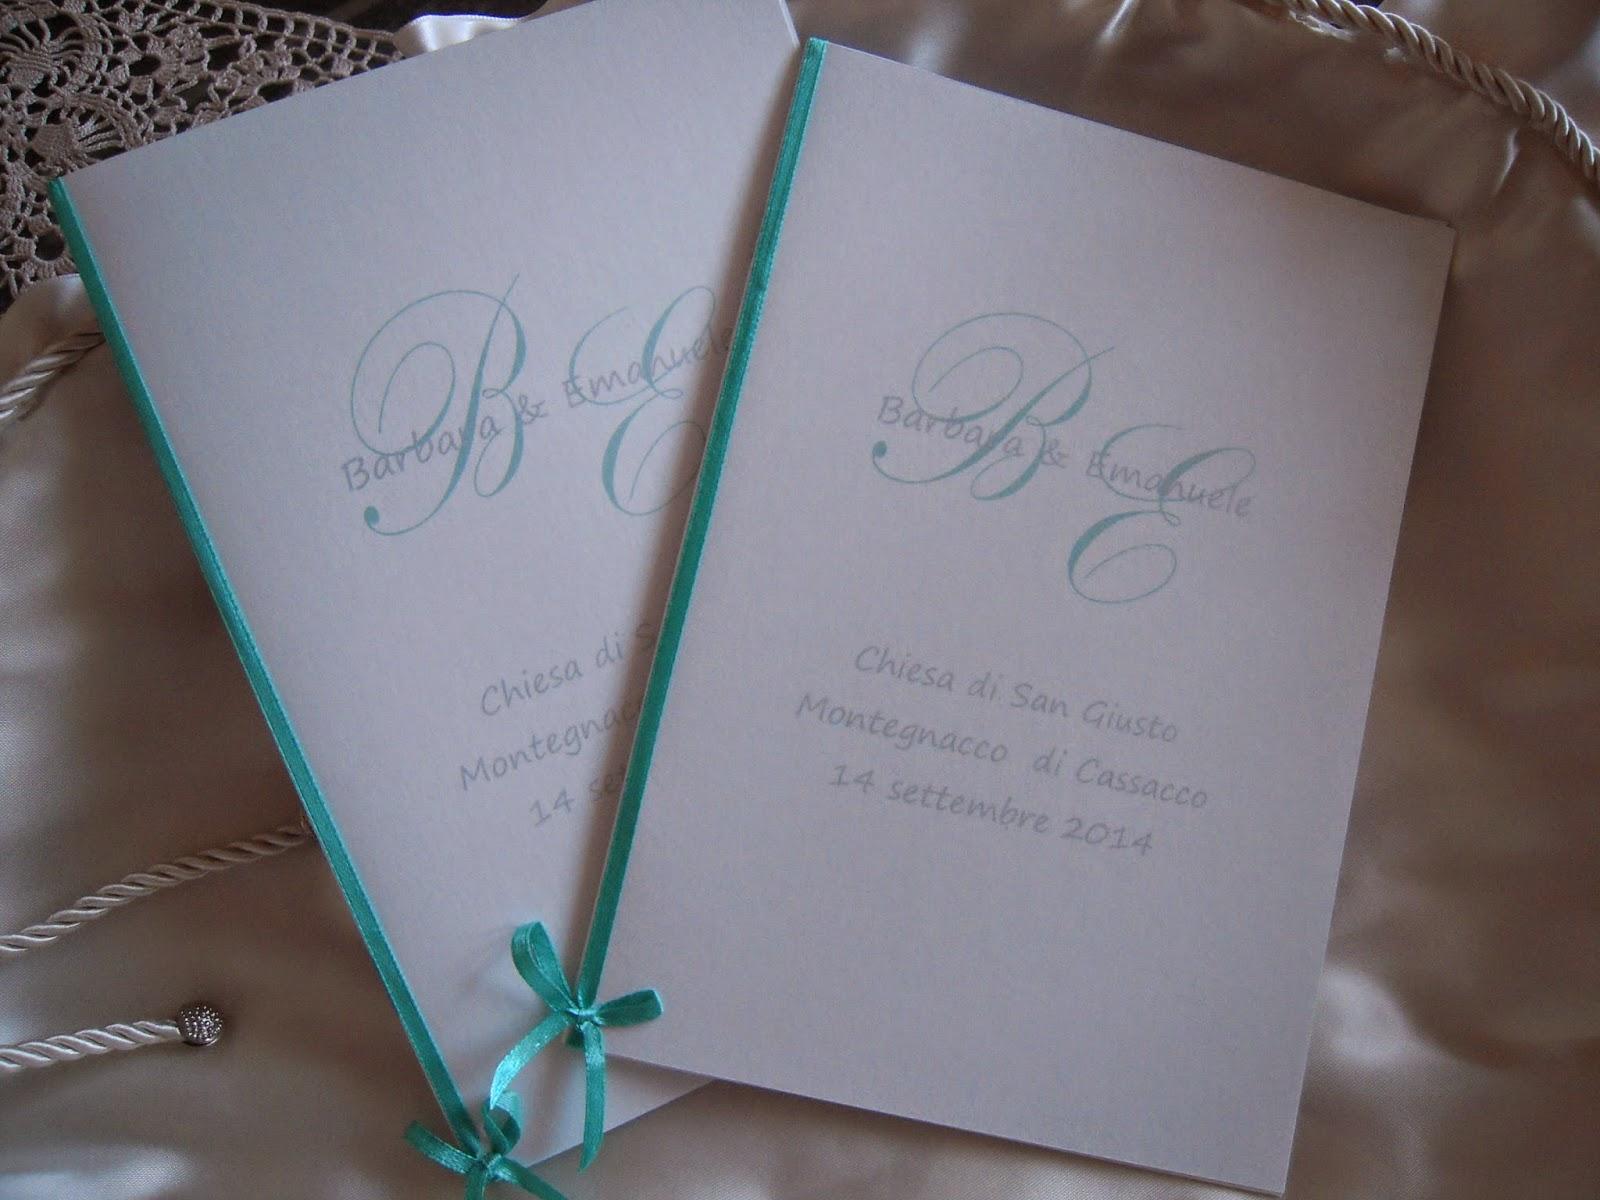 Eccezionale Eventidecor: Libretti messa degli Sposi in bianco e Tiffany JE85